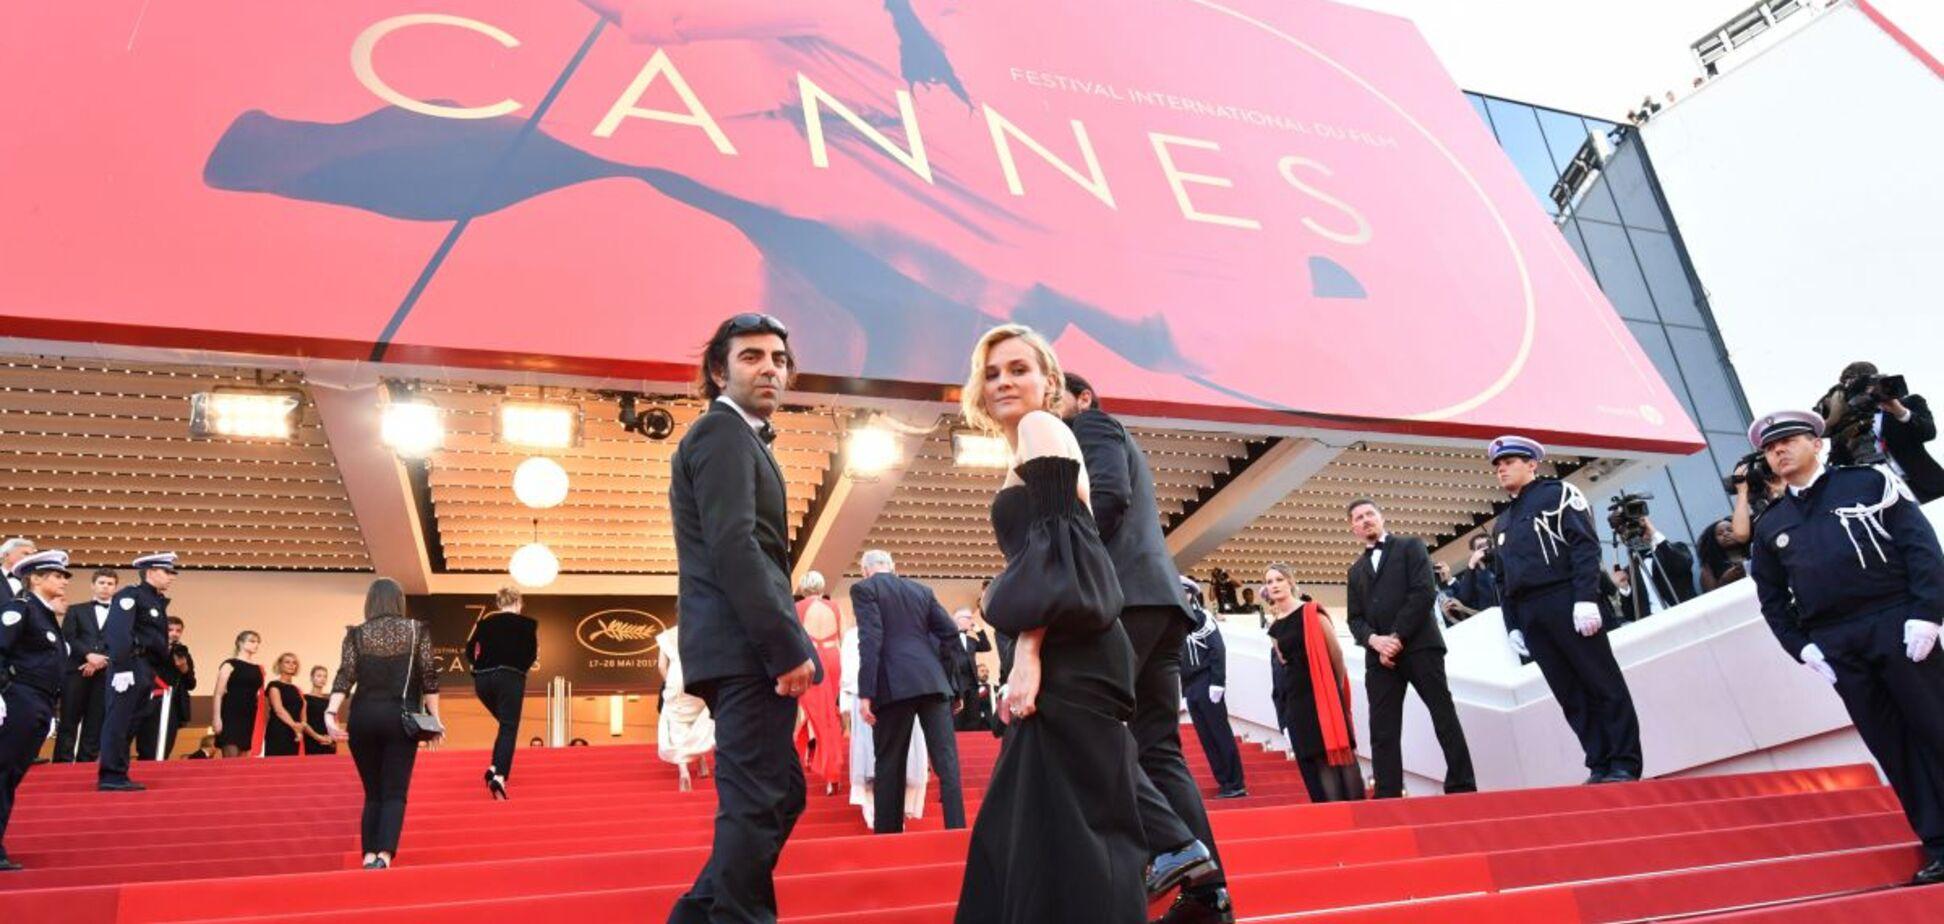 Каннський кінофестиваль скасували через спалах коронавірусу